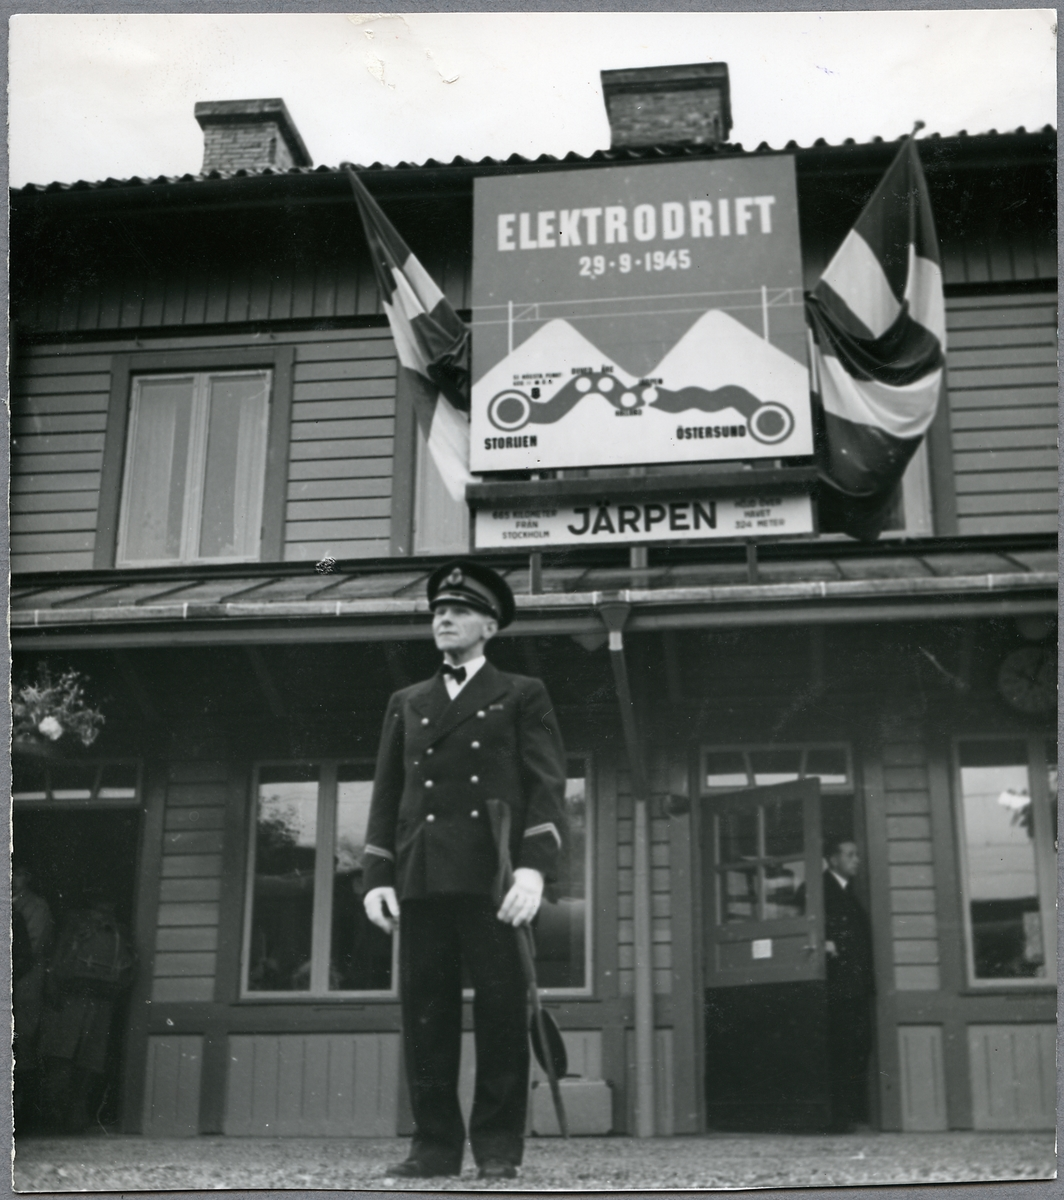 Från invigningsdagen av elektrifieringen av sträckan Östersund - Storlien.